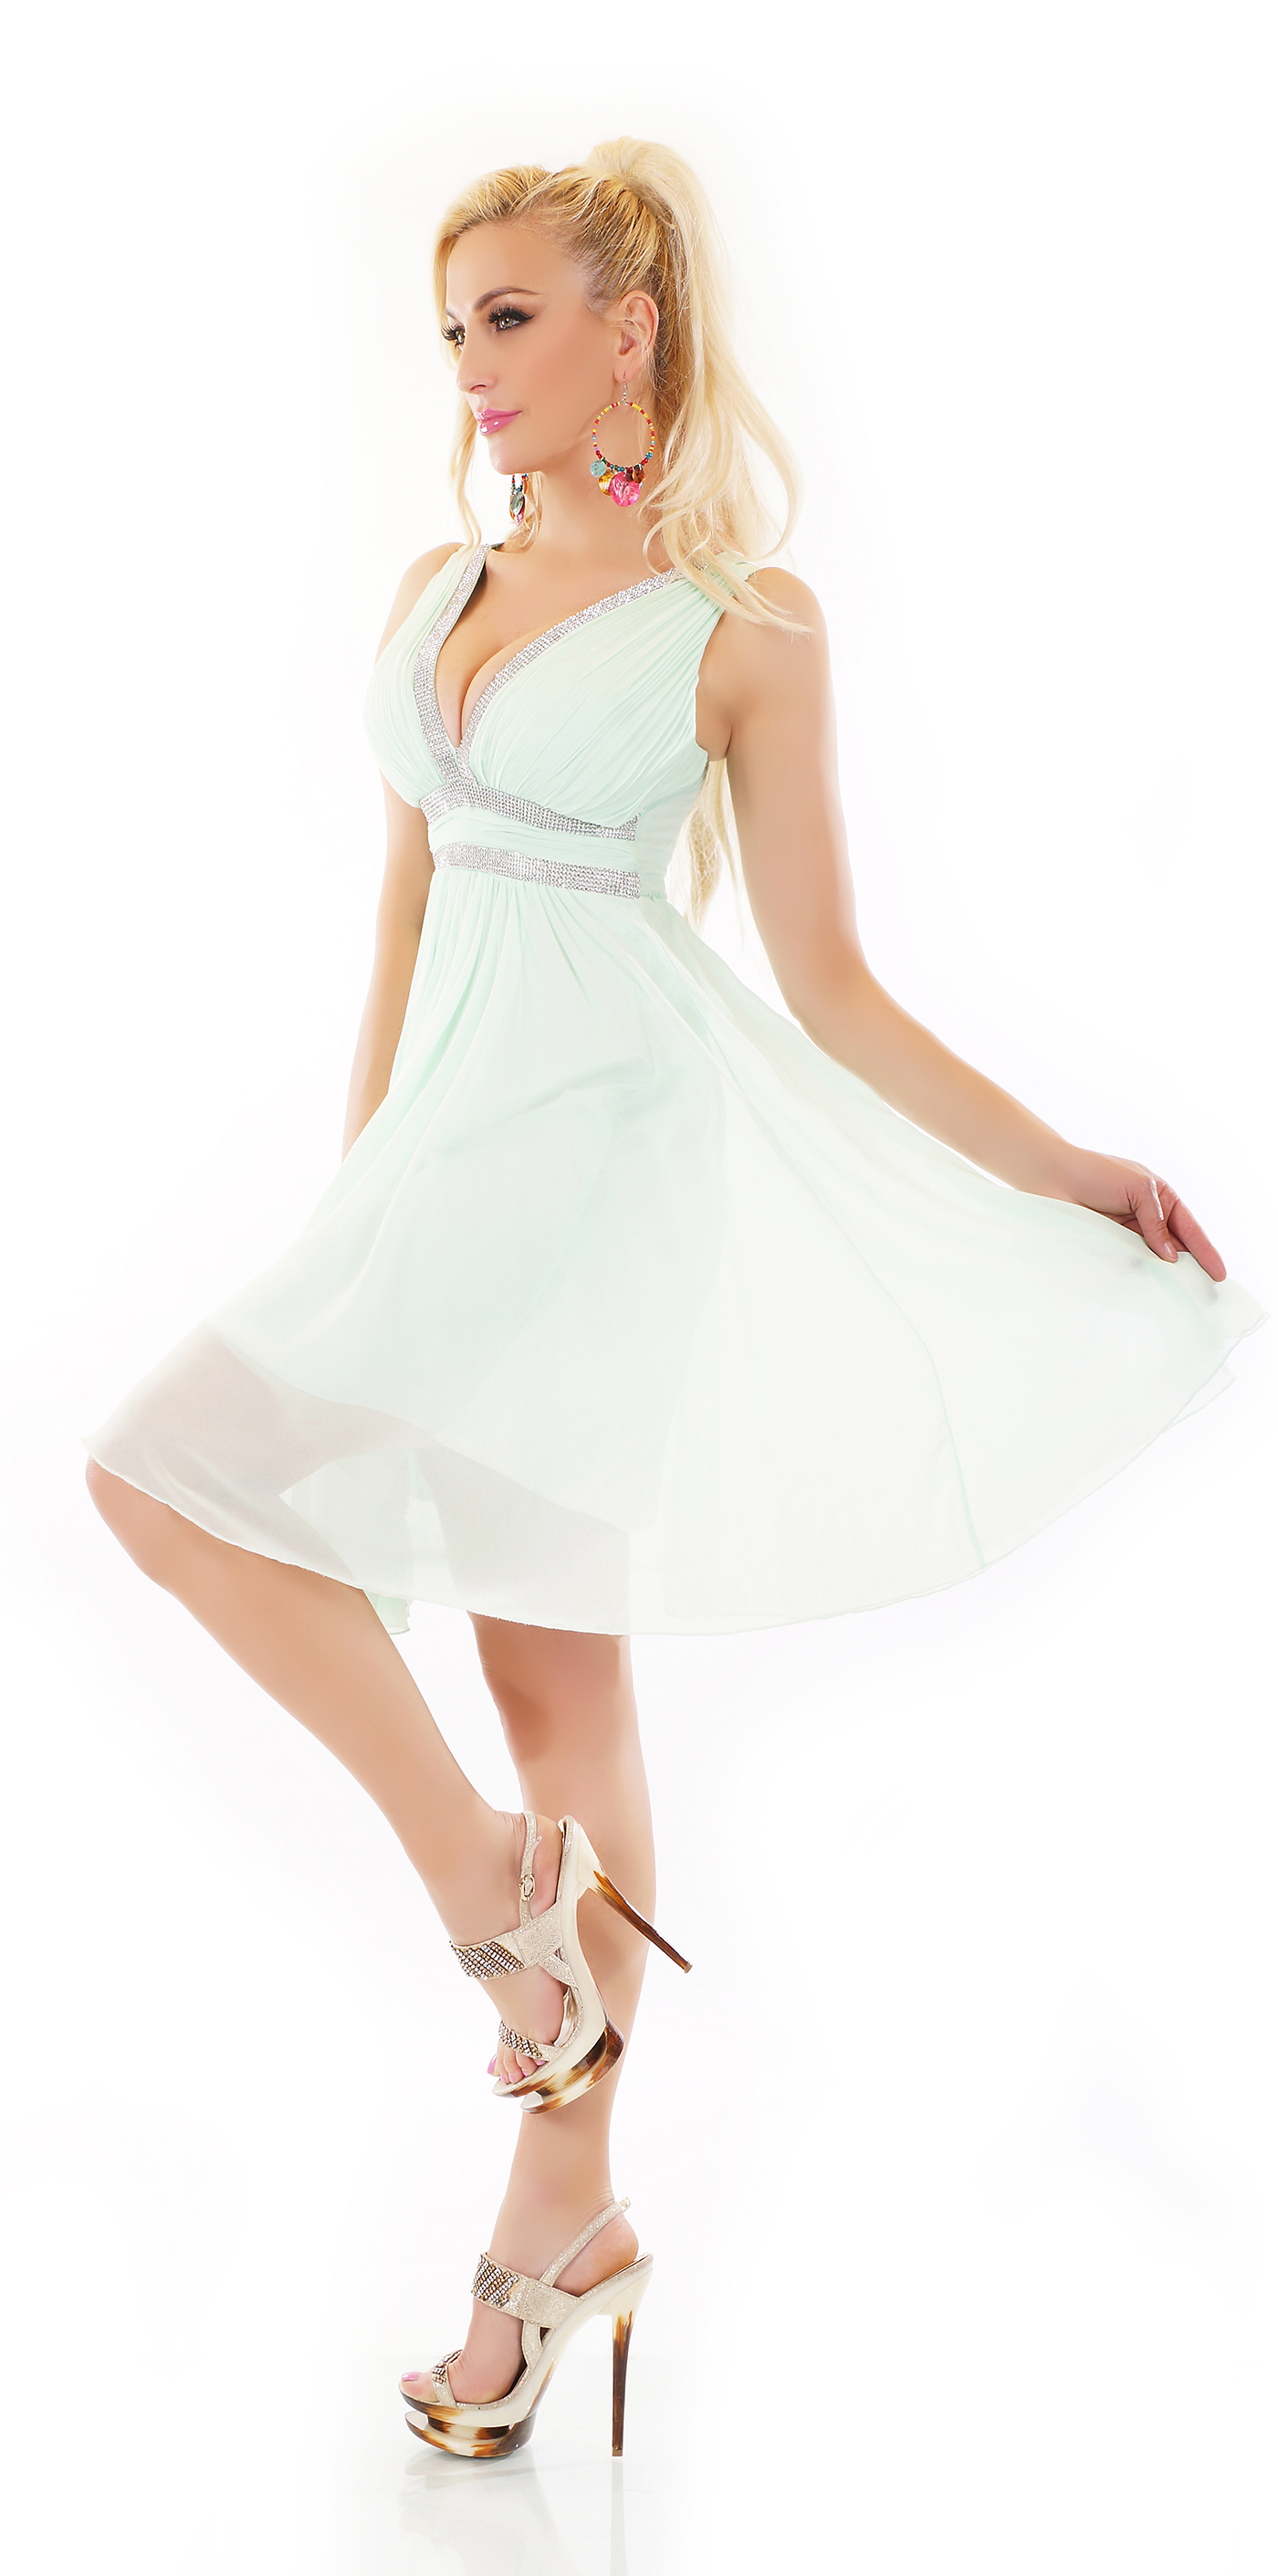 Trendstylez - Elegantes Chiffon-Kleid mit glamouröser ...